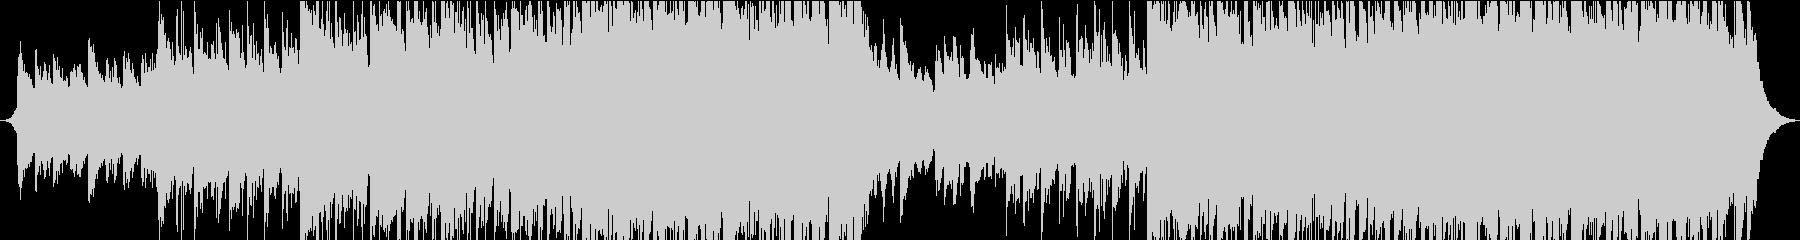 代替案 ポップ モダン 実験的 ア...の未再生の波形